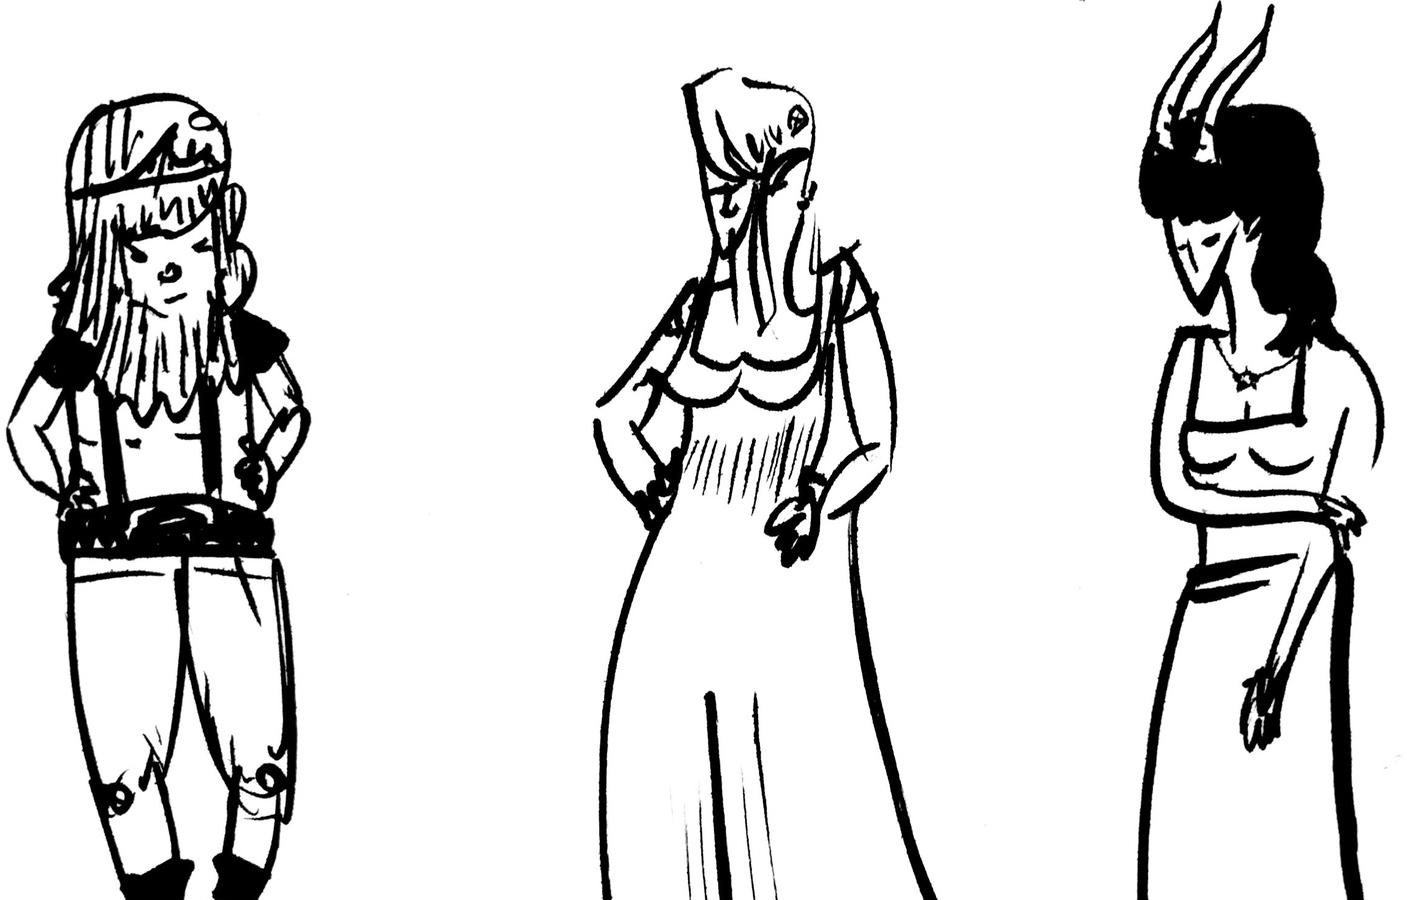 Drills, Enna, and Yara